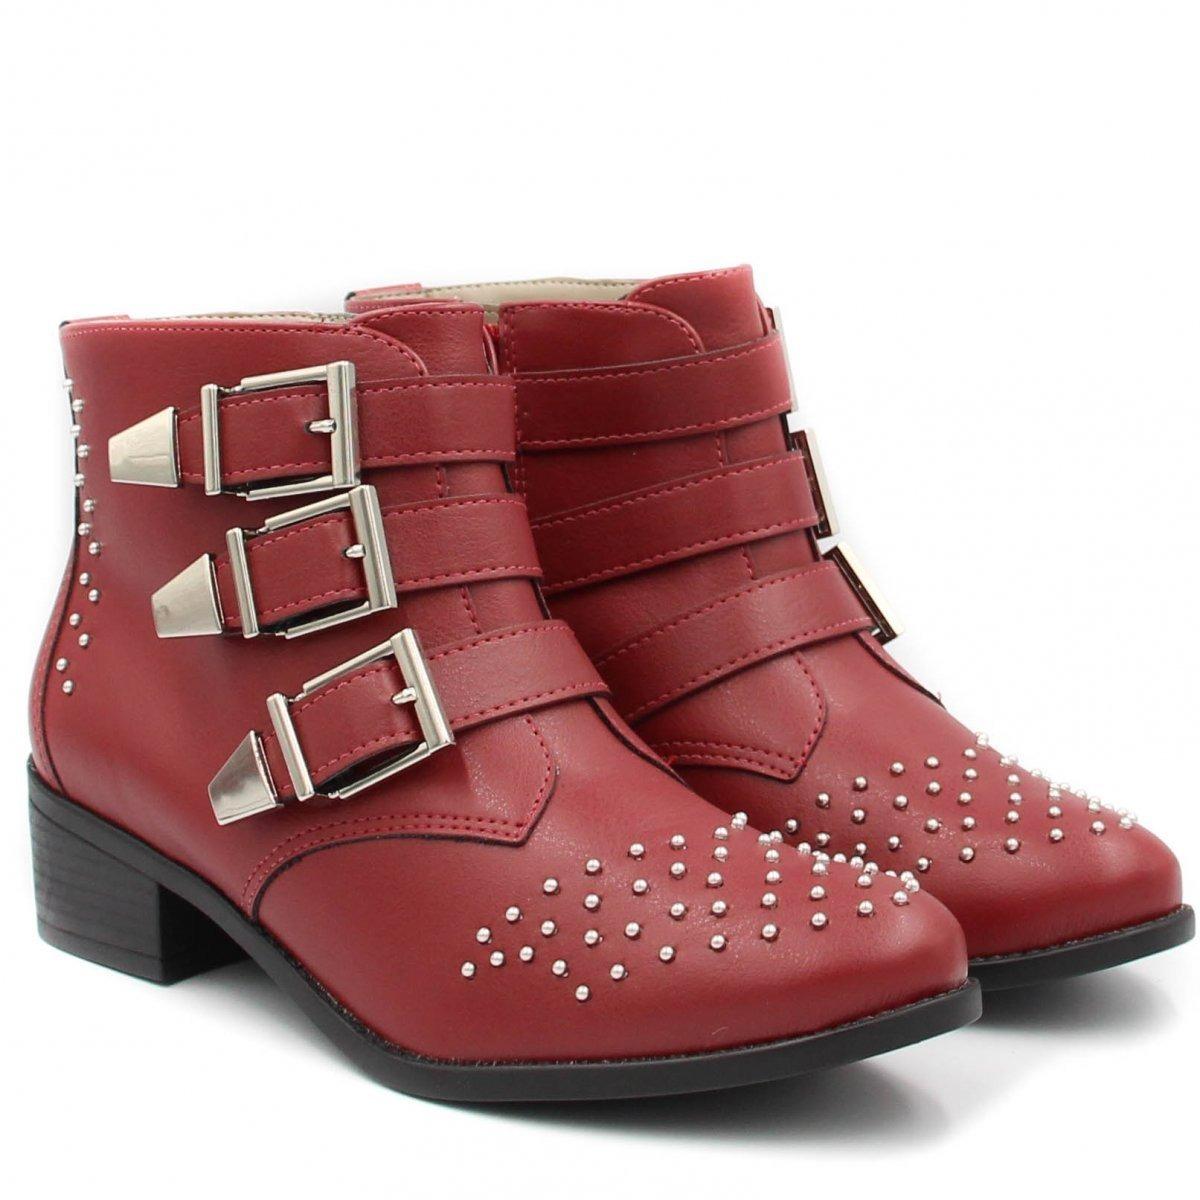 1e010d4202d42 Bota Cano Curto Via Marte Ankle Boot Vermelha 18-4603